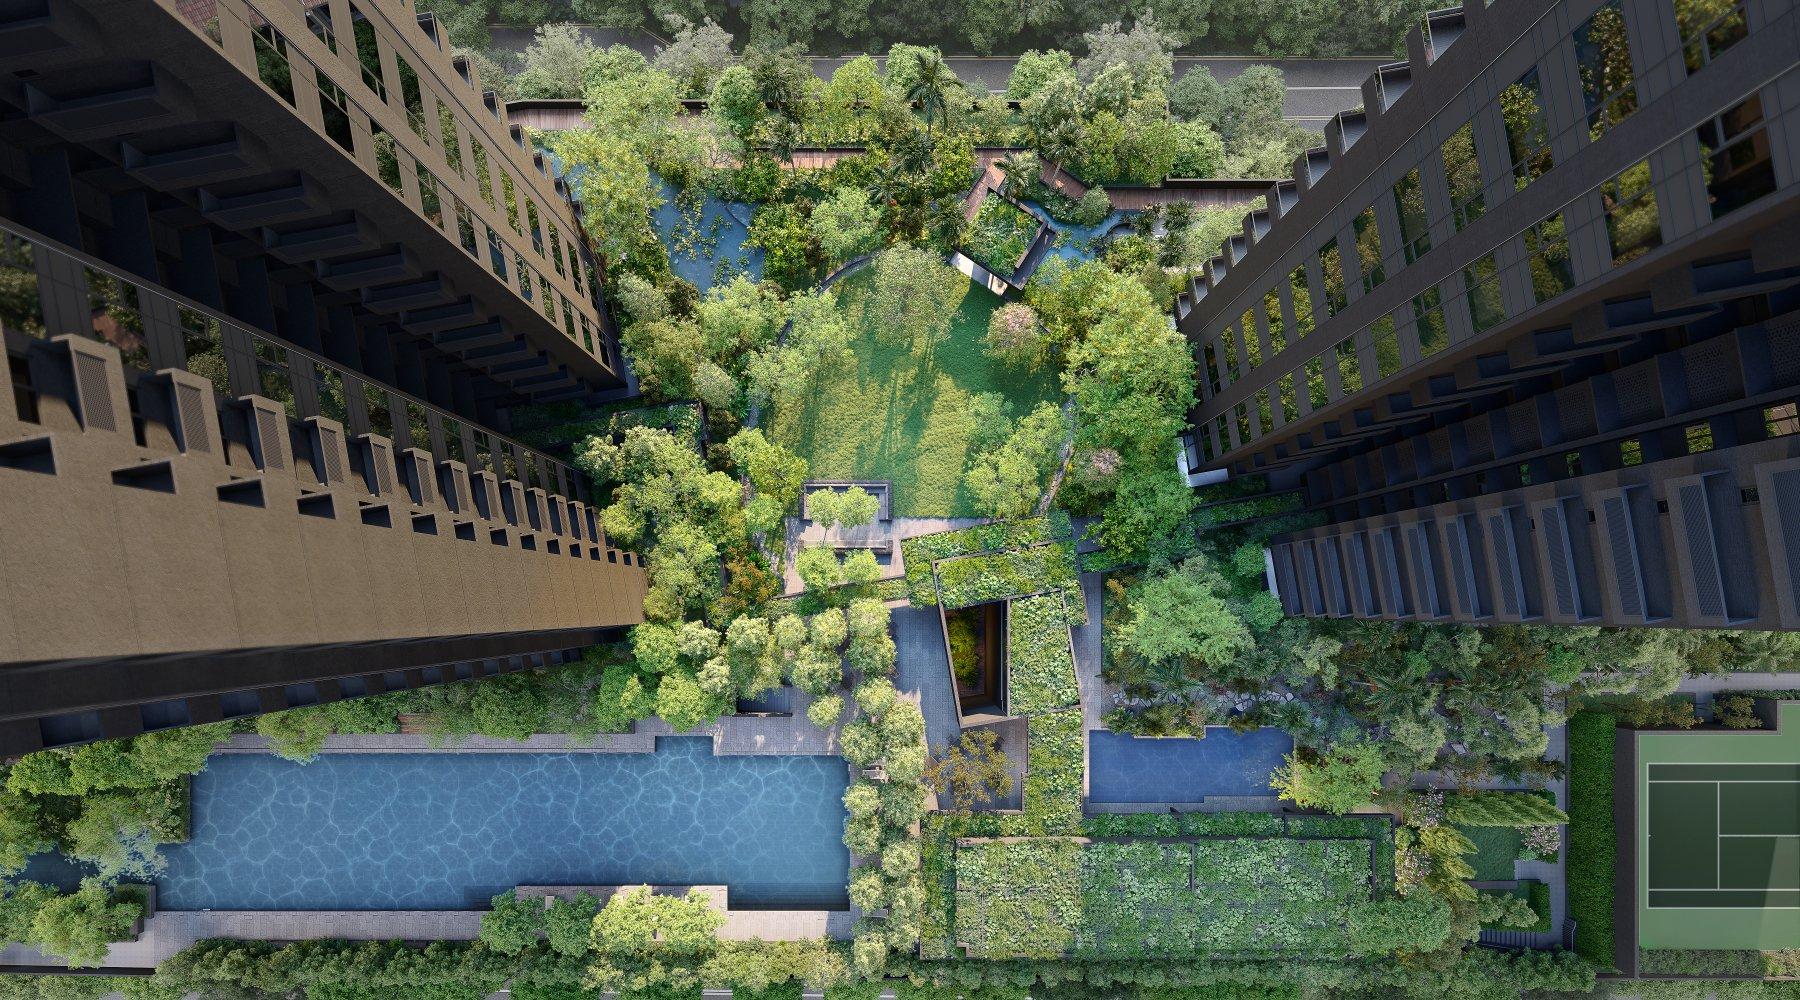 名汇庭苑: 让自然住进城市 11